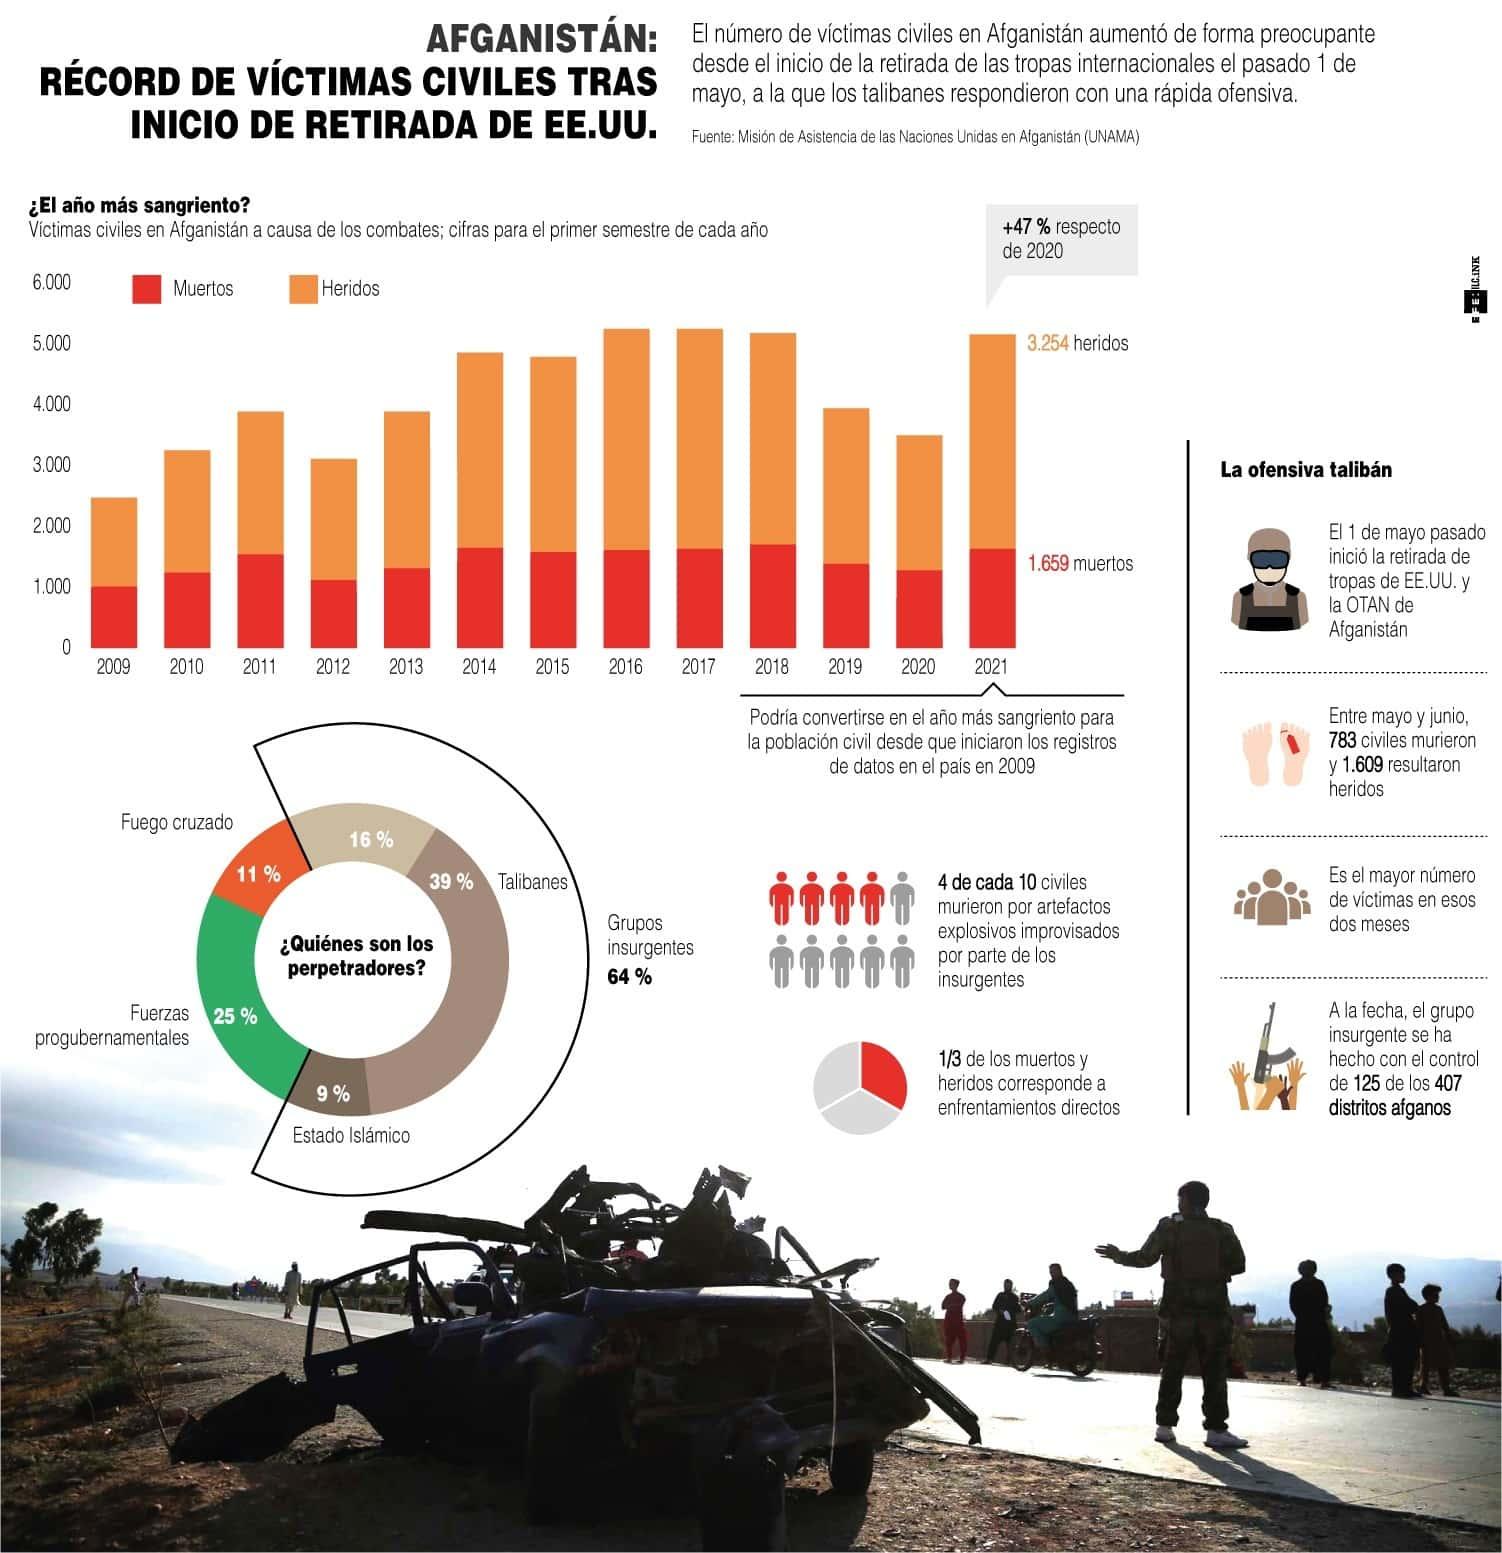 [Infografía] Récord de víctimas civiles en Afganistán tras inicio de la retirada de EE. UU. 1